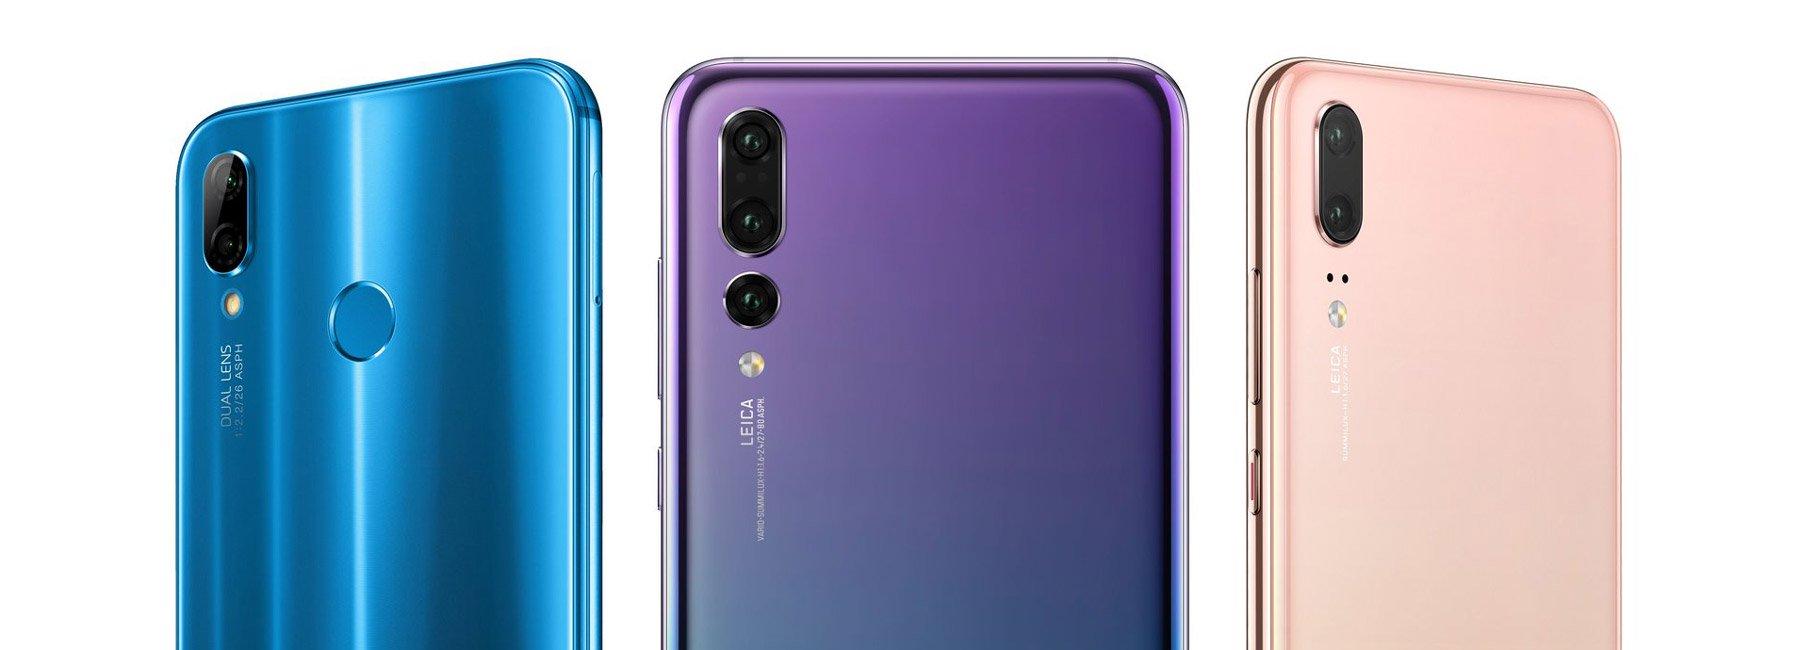 الكشف عن سعر هواتف Huawei الجديدة Huawei P20 Lite وHuawei P20 Pro في مصر